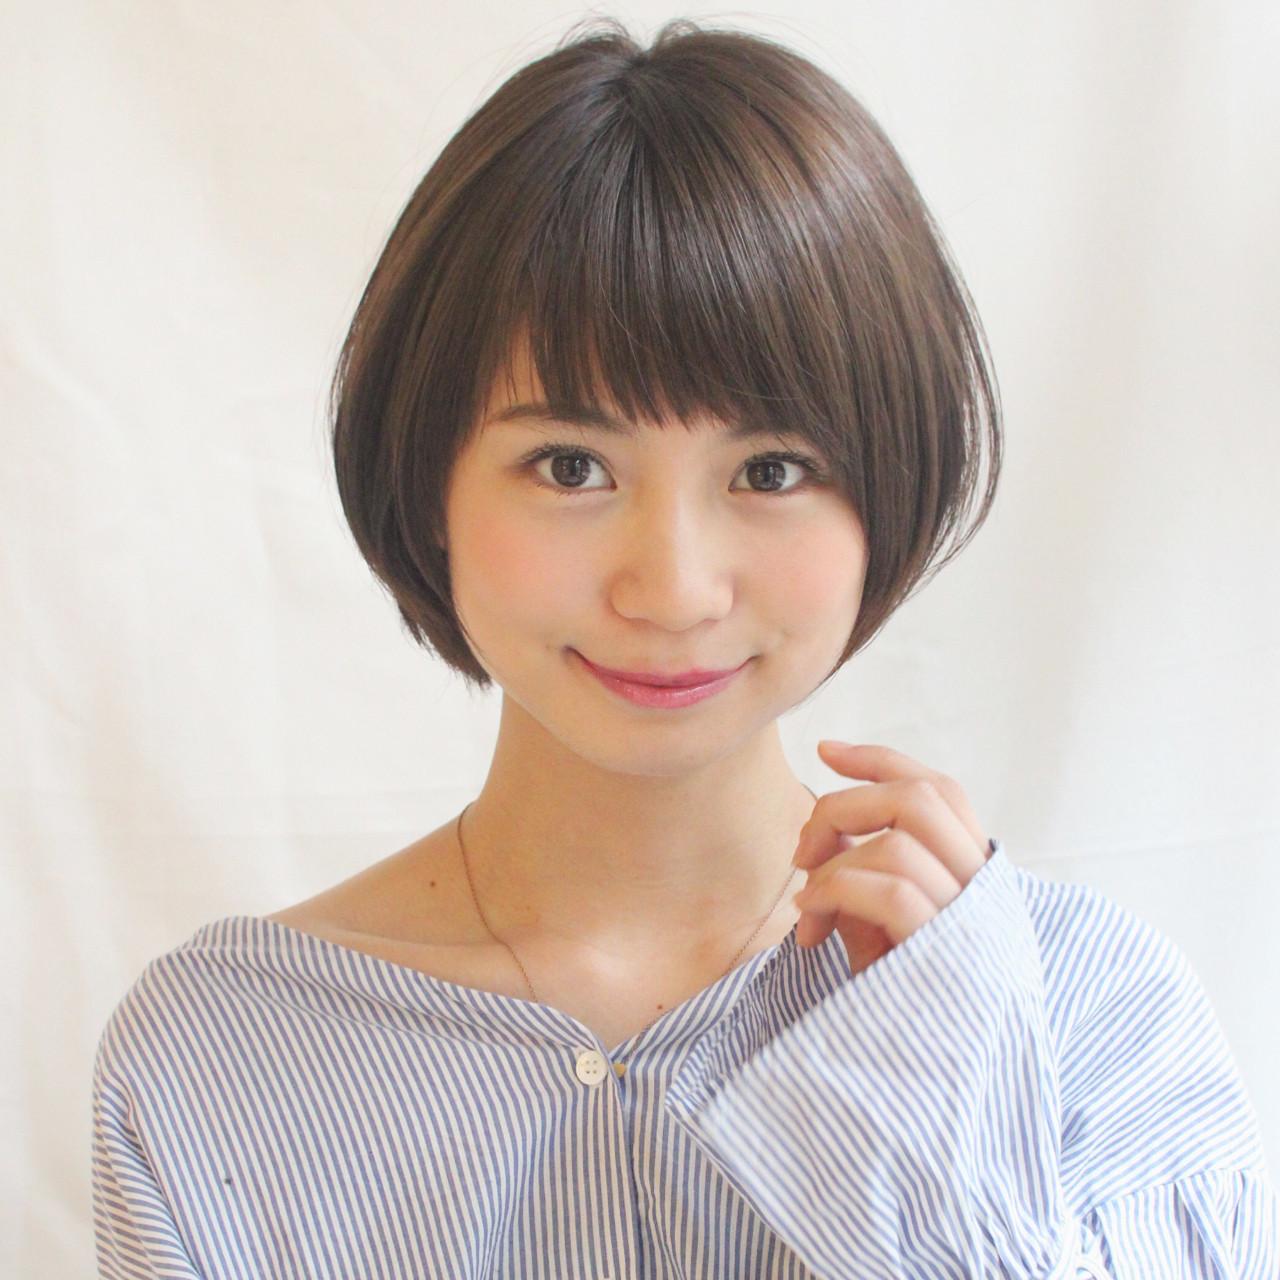 【種類別】挑戦したくなる人気のショートスタイルを一挙大公開♡ 羽田ひろむ